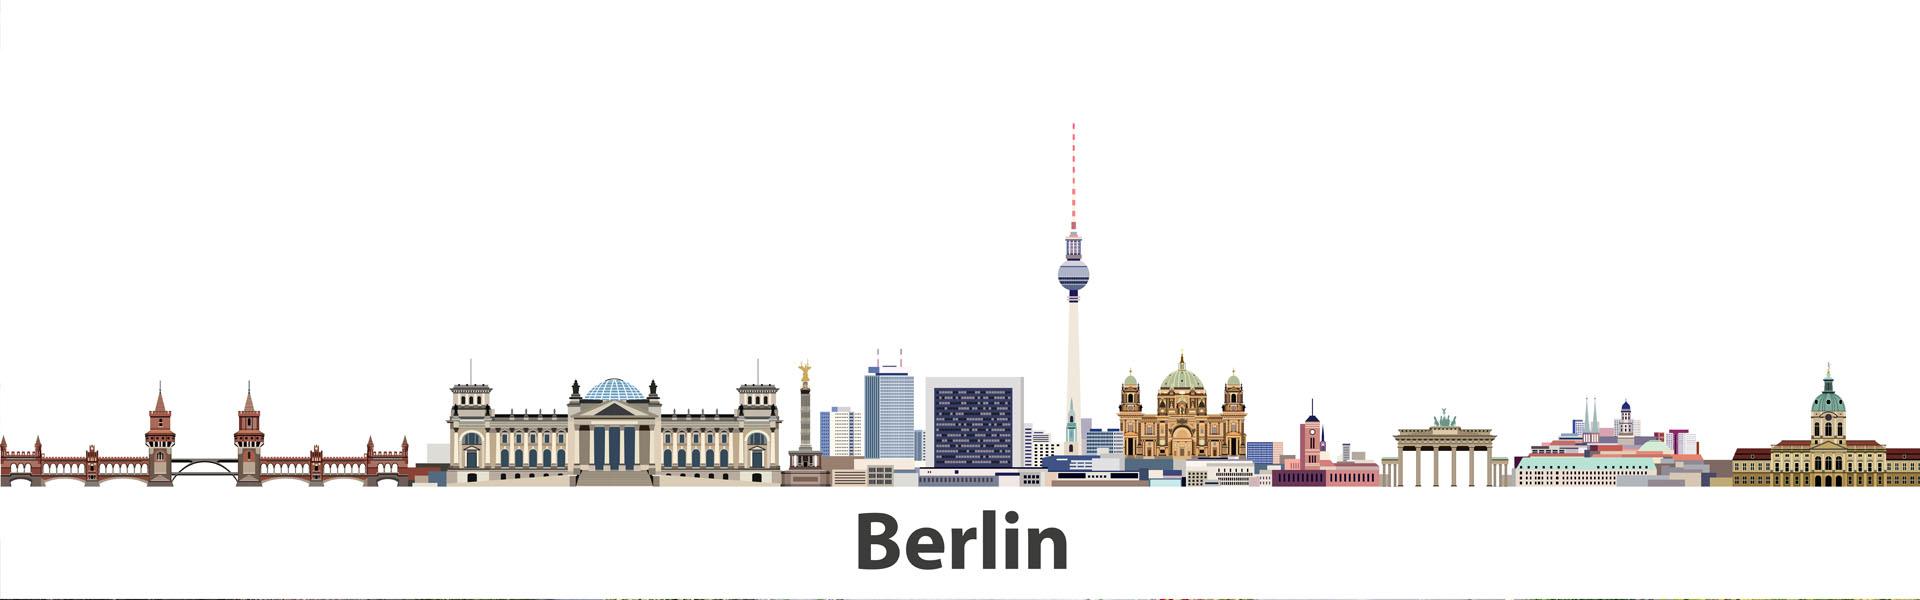 Verschiedene Wahrzeichen von Berlin